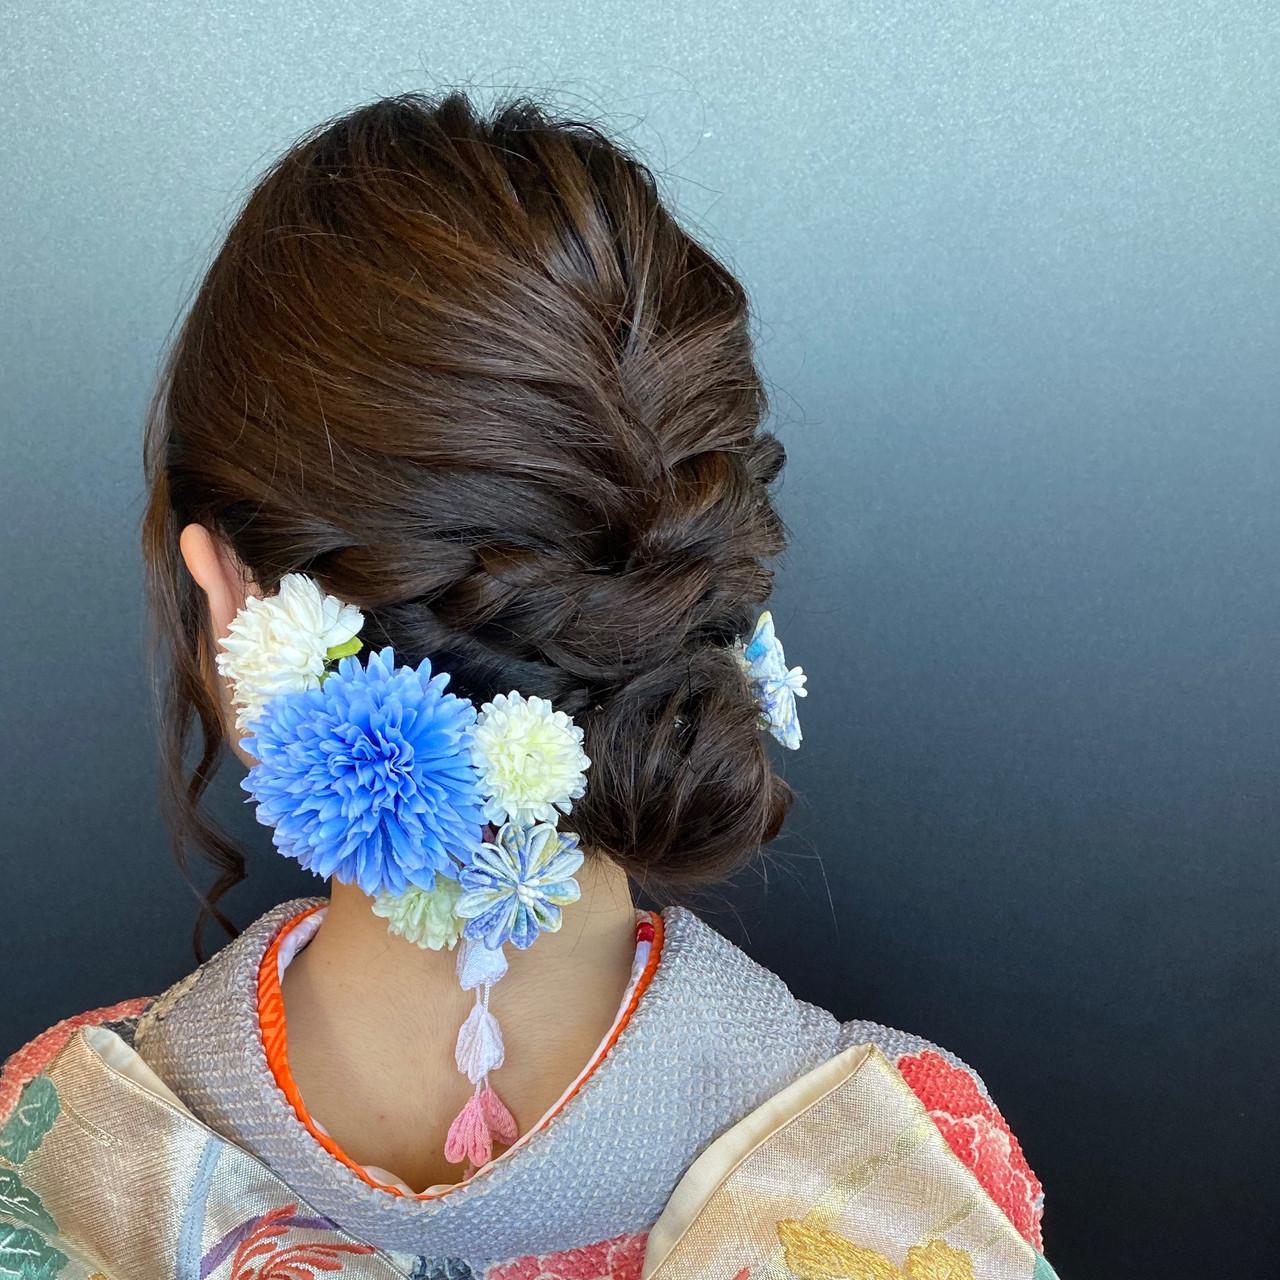 成人式ヘア 和装 セミロング 編み込み ヘアスタイルや髪型の写真・画像